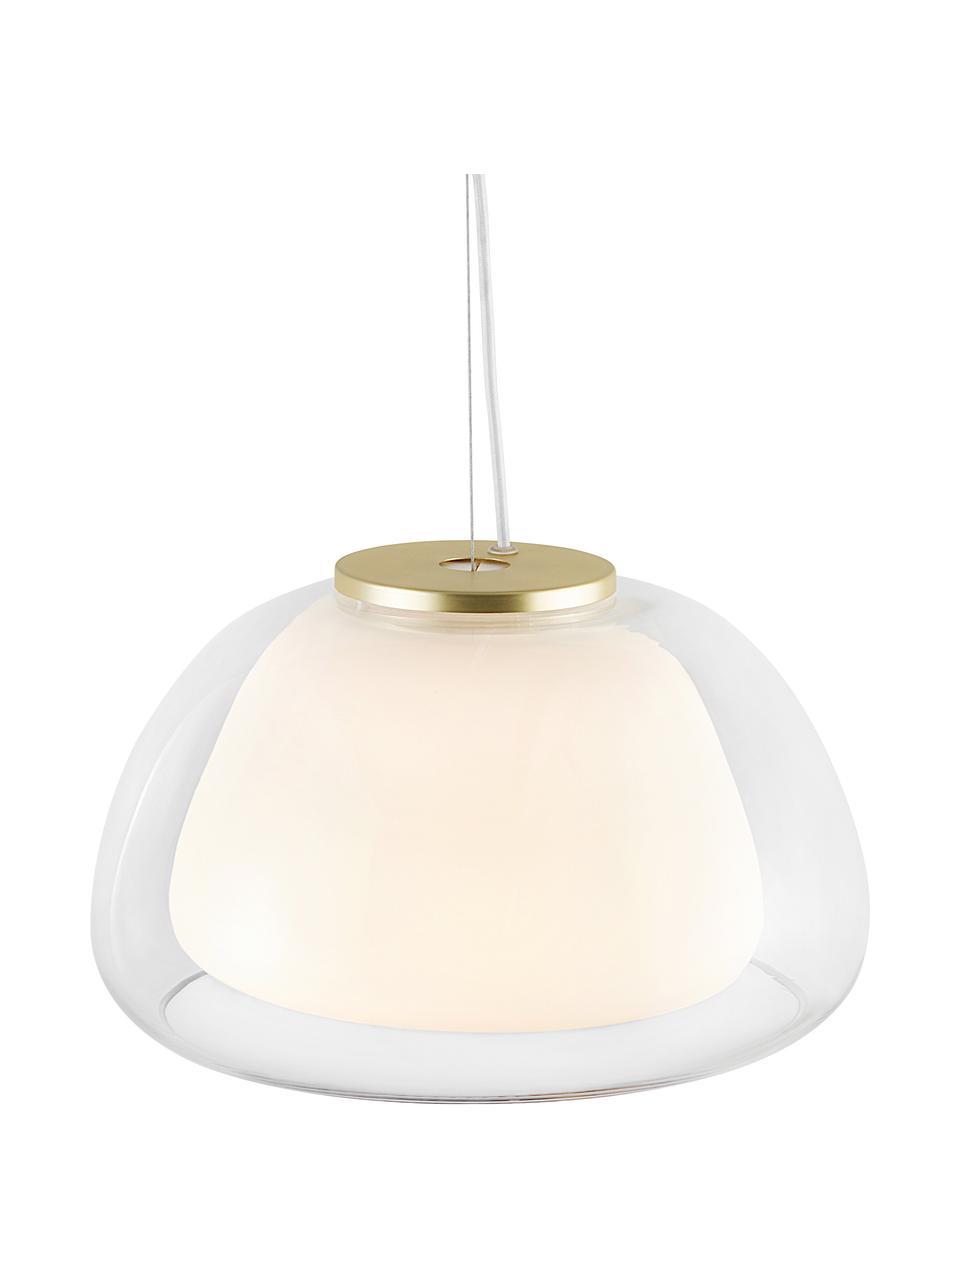 Závěsné svítidlo Jelly, Transparentní, bílá